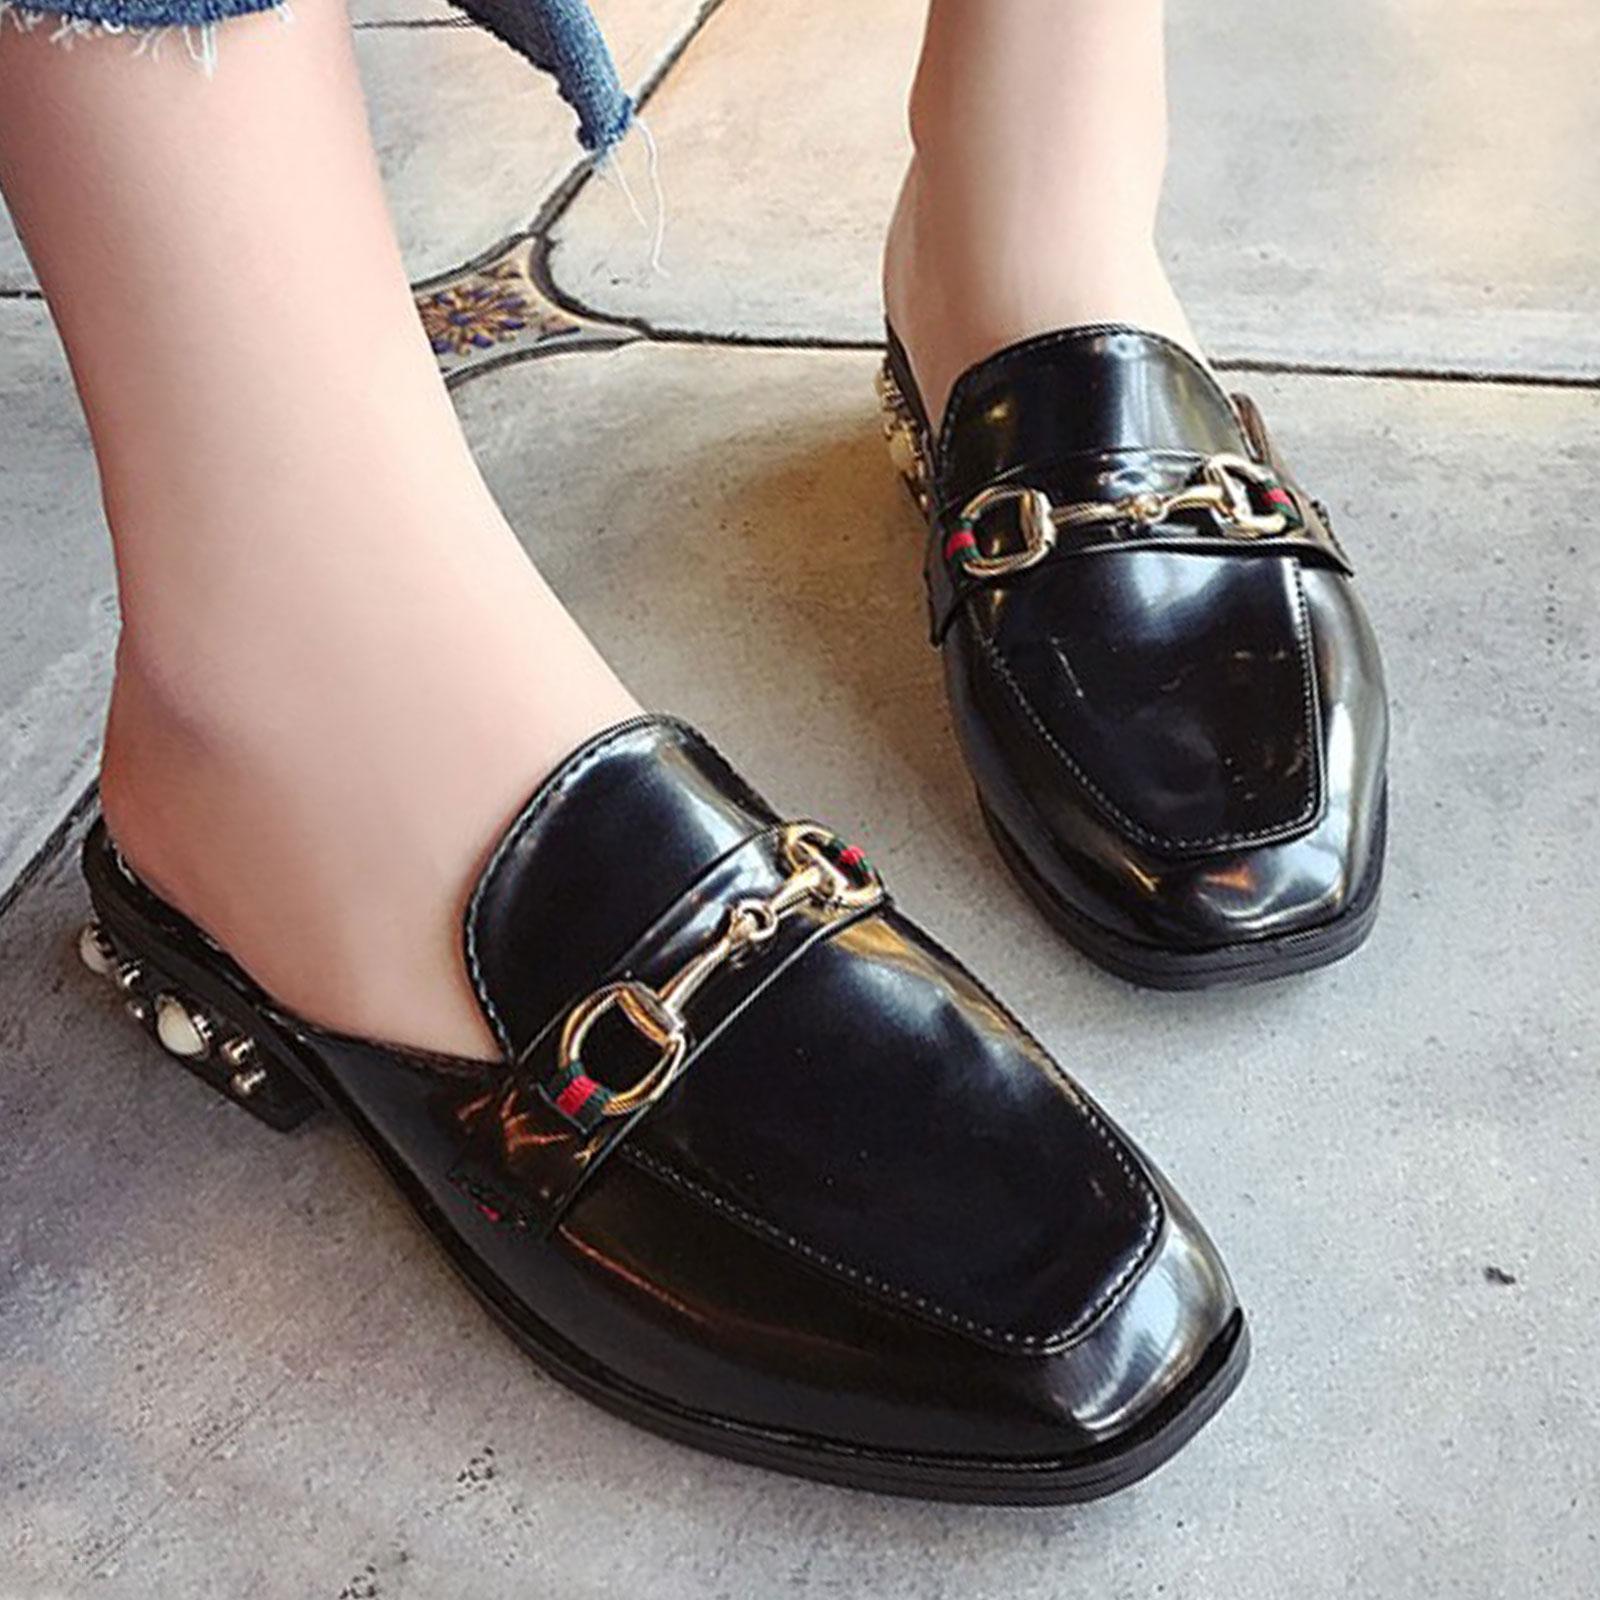 懶人鞋 淺口珍珠裝飾方頭粗跟半拖鞋【S1693】☆雙兒網☆ 4